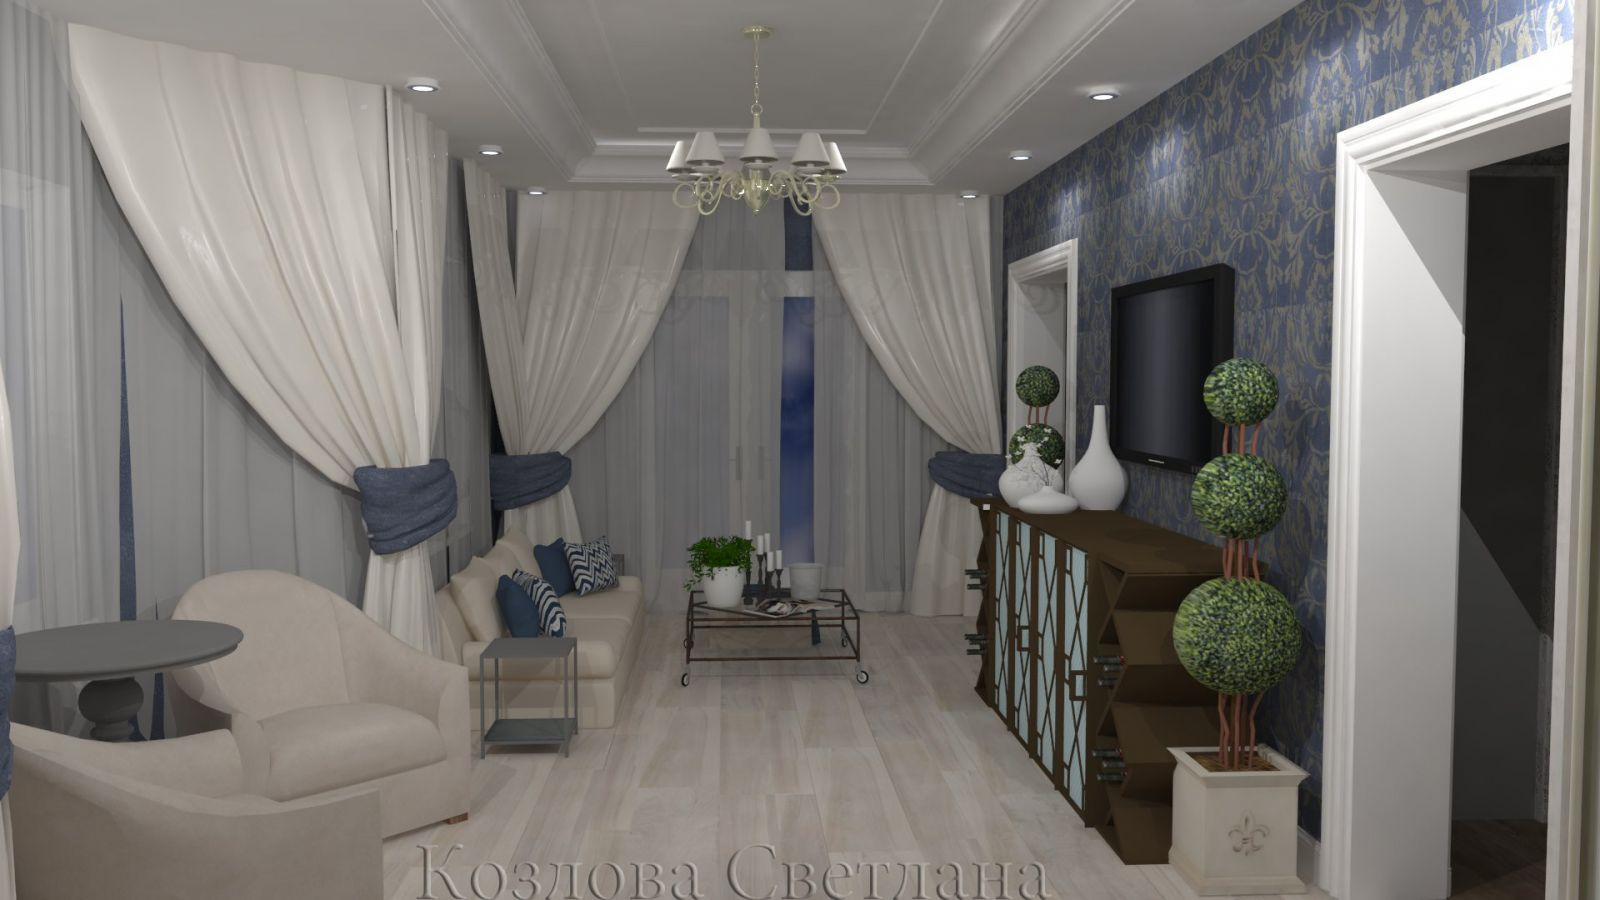 4 - Любимая работа - Галерея - Форум о строительстве, ремонте и дизайне интерьера